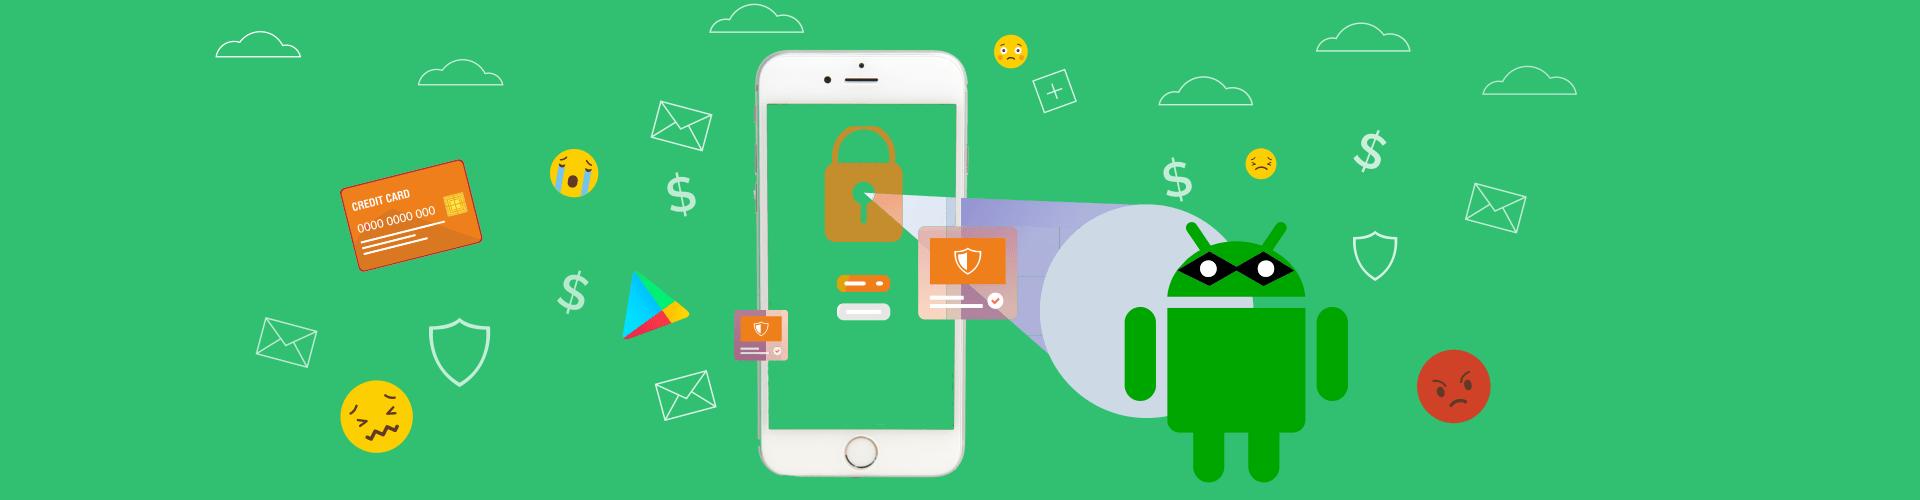 Как мошенники крадут деньги через приложения Google Play на Android